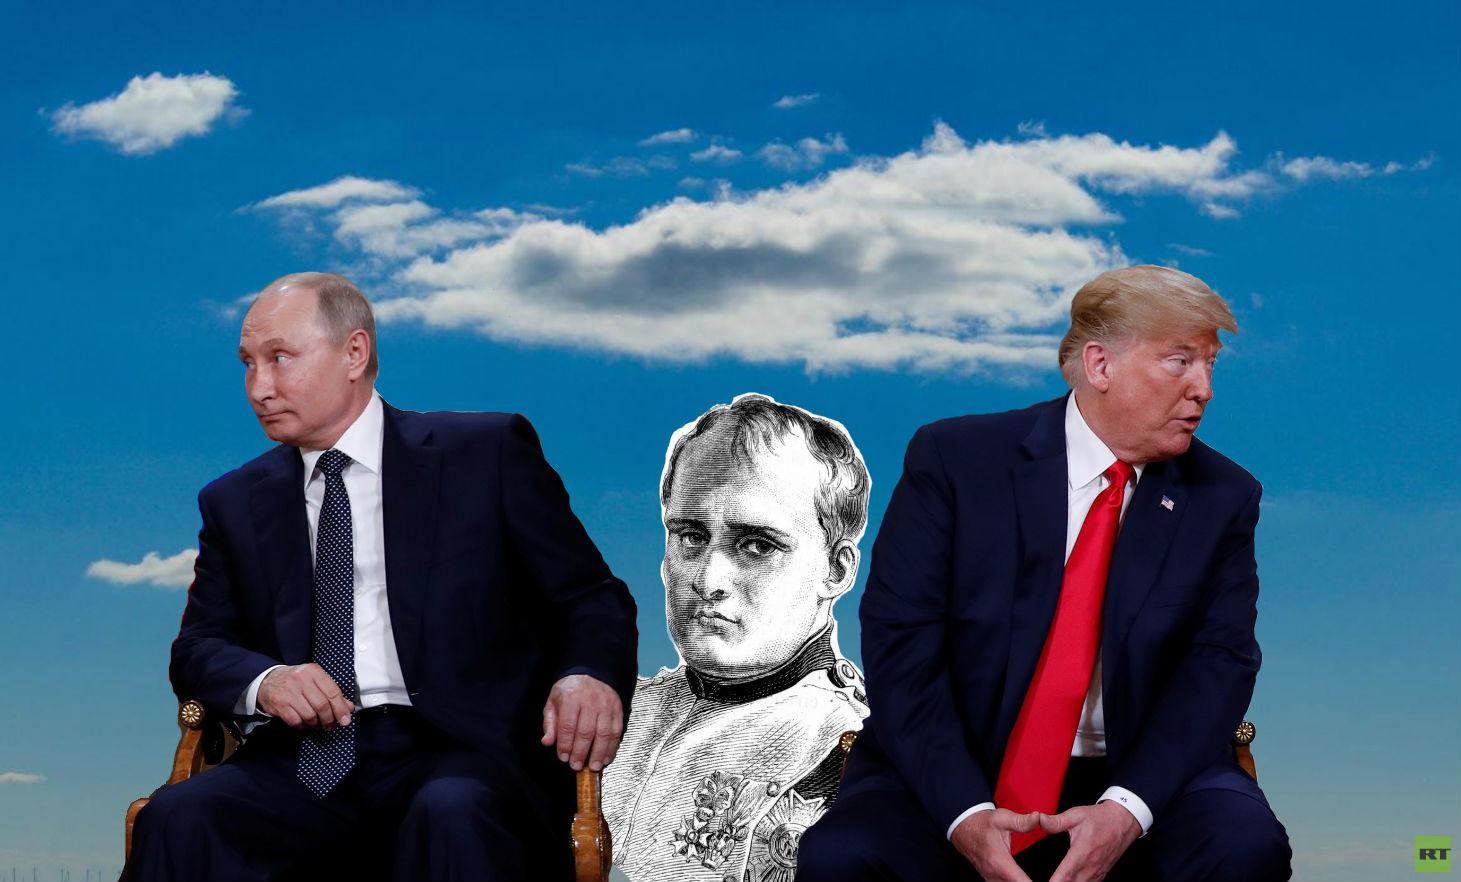 بوتين وترامب ونابليون بينهما!